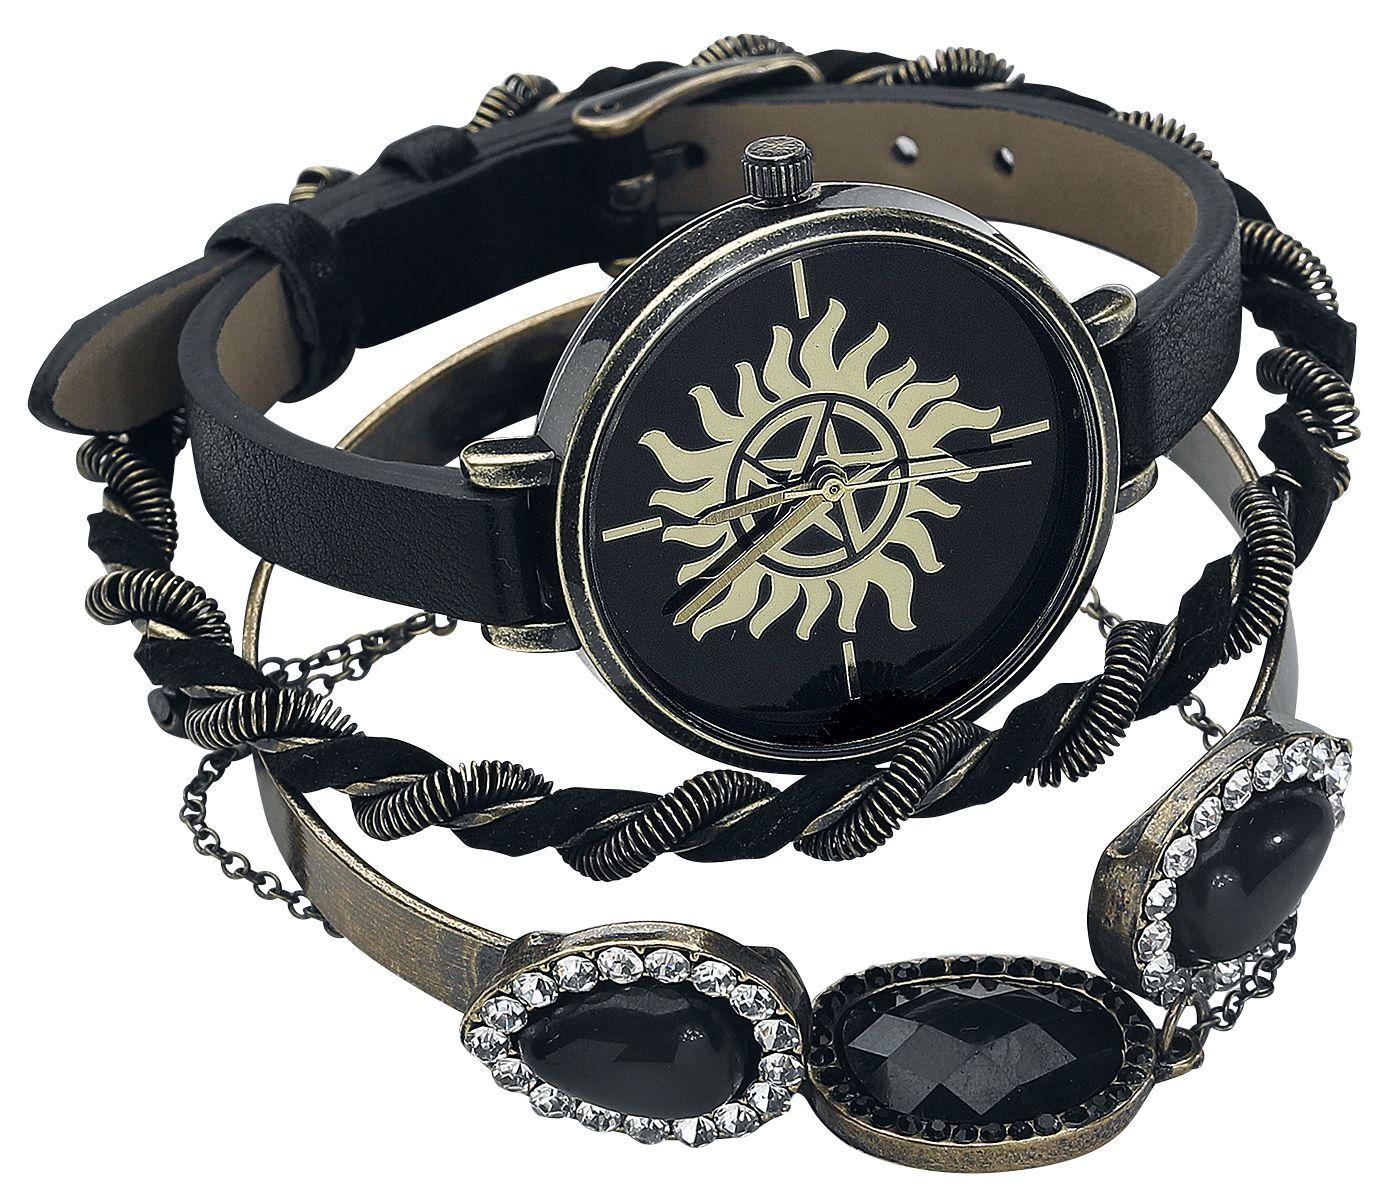 Supernatural: Watch and Bracelet Set image